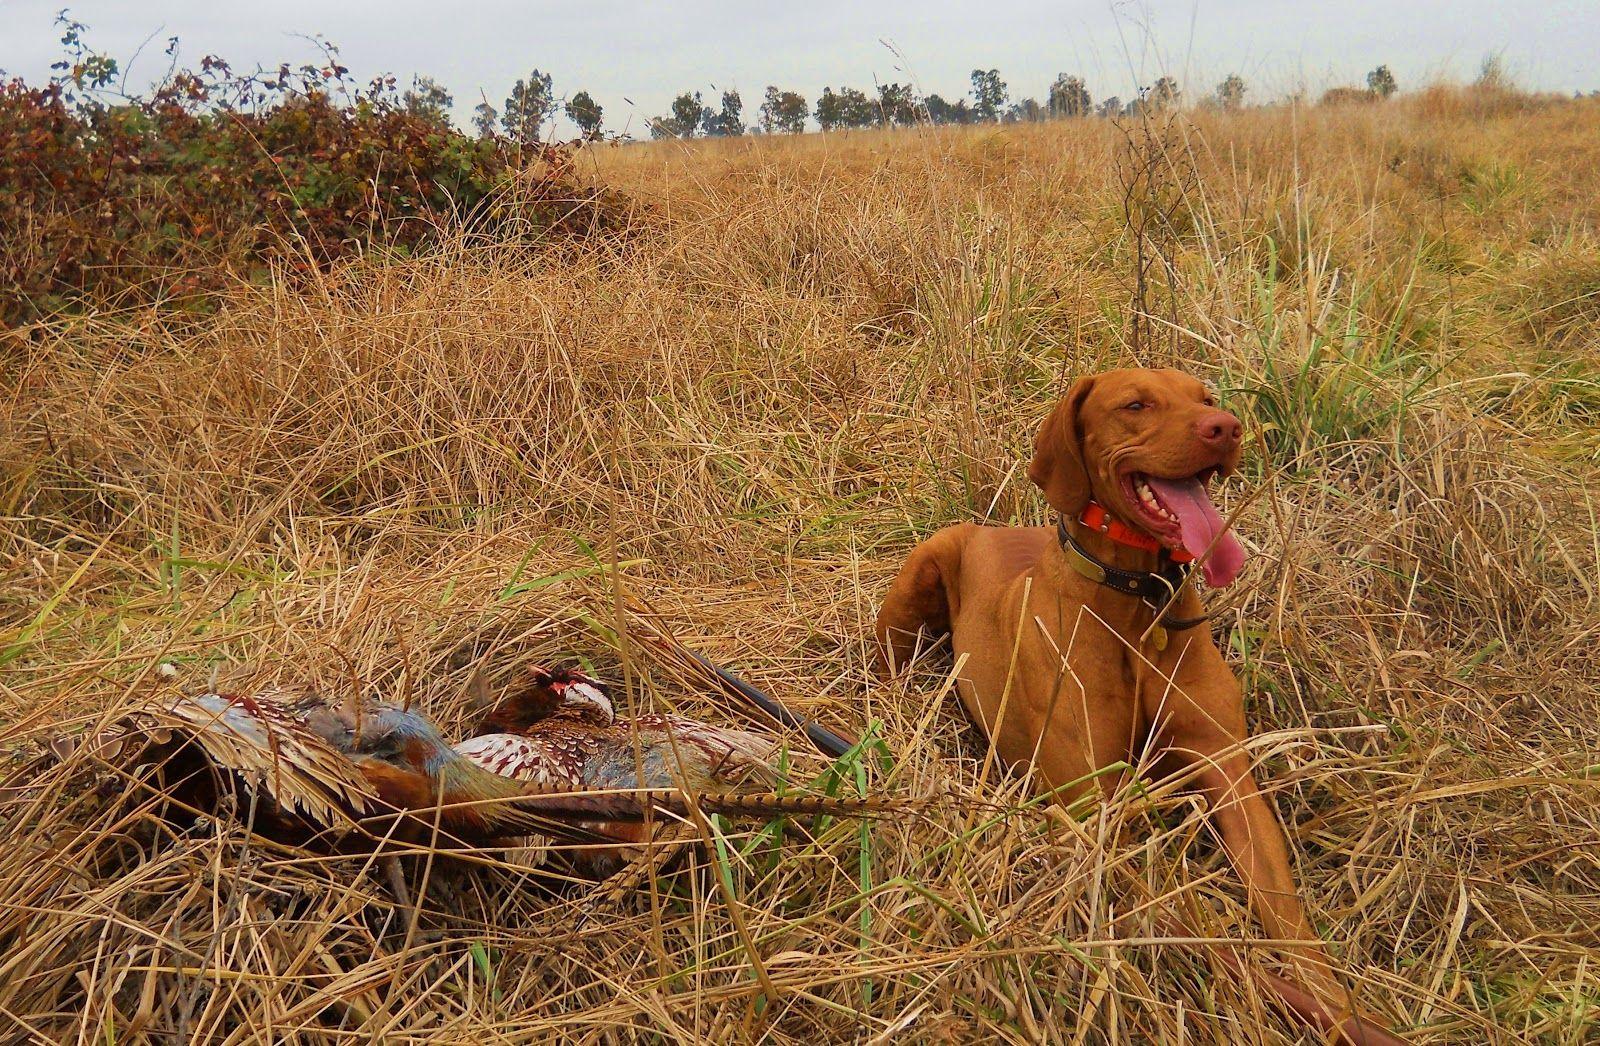 Vizsla | Vizsla, Hunting dogs, Bird dogs